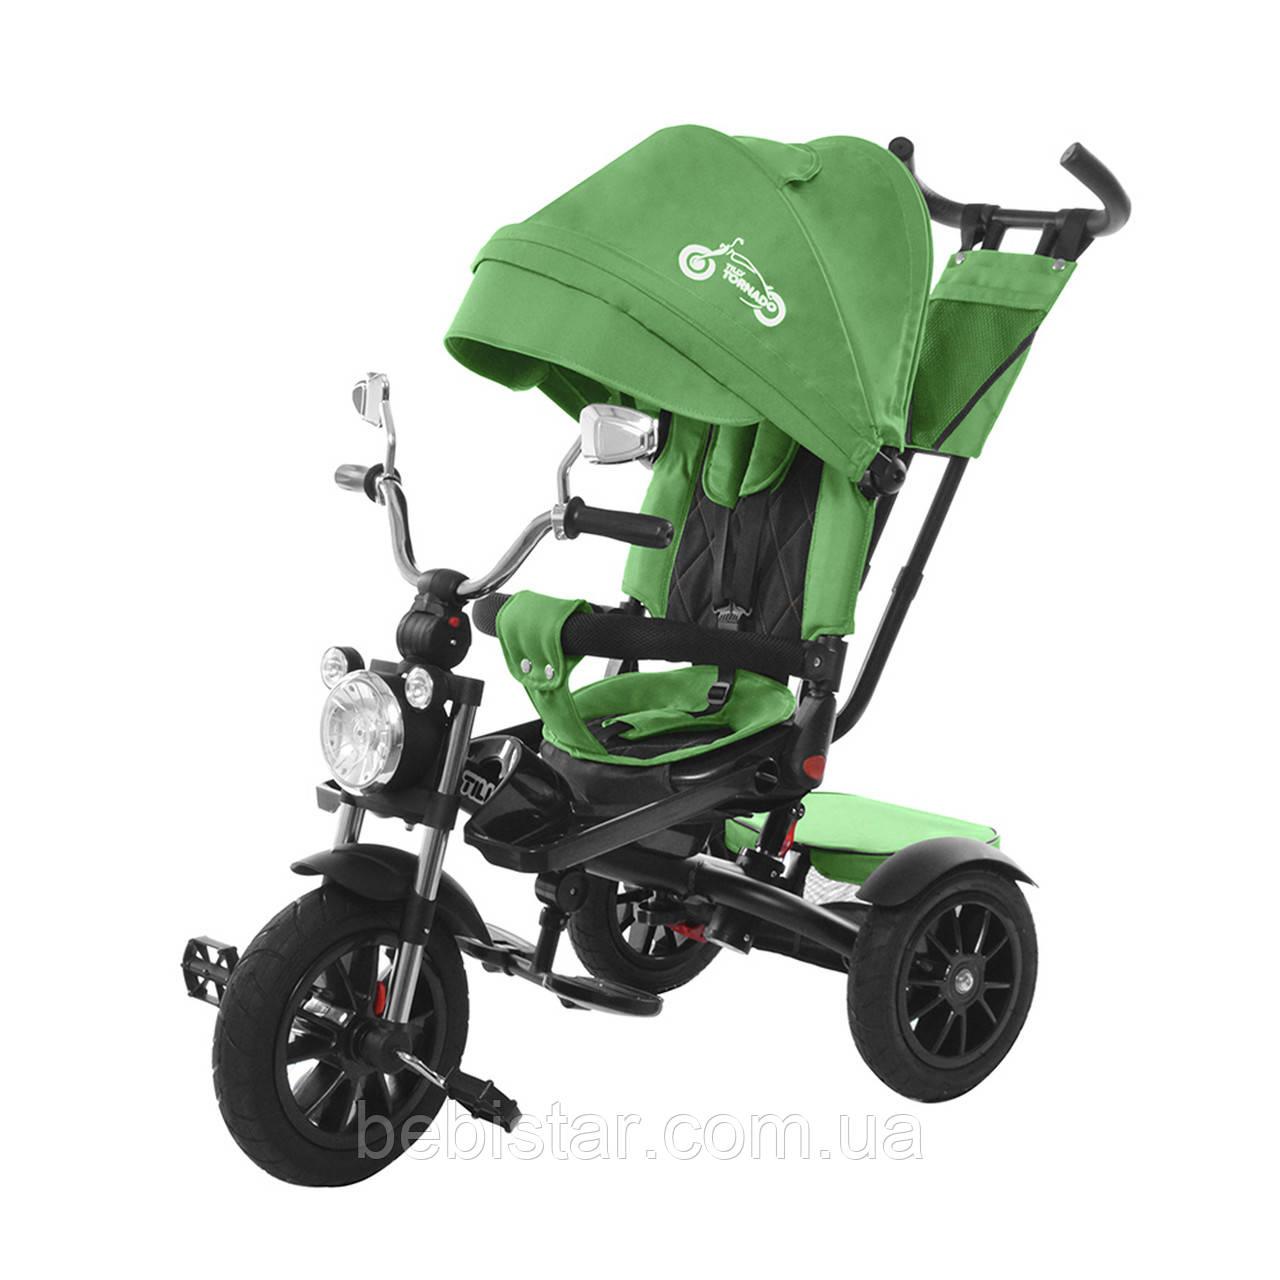 Трехколесный велосипед TILLY TORNADO зеленый надувные колеса подкрыльники поворотное сидение музыка и свет